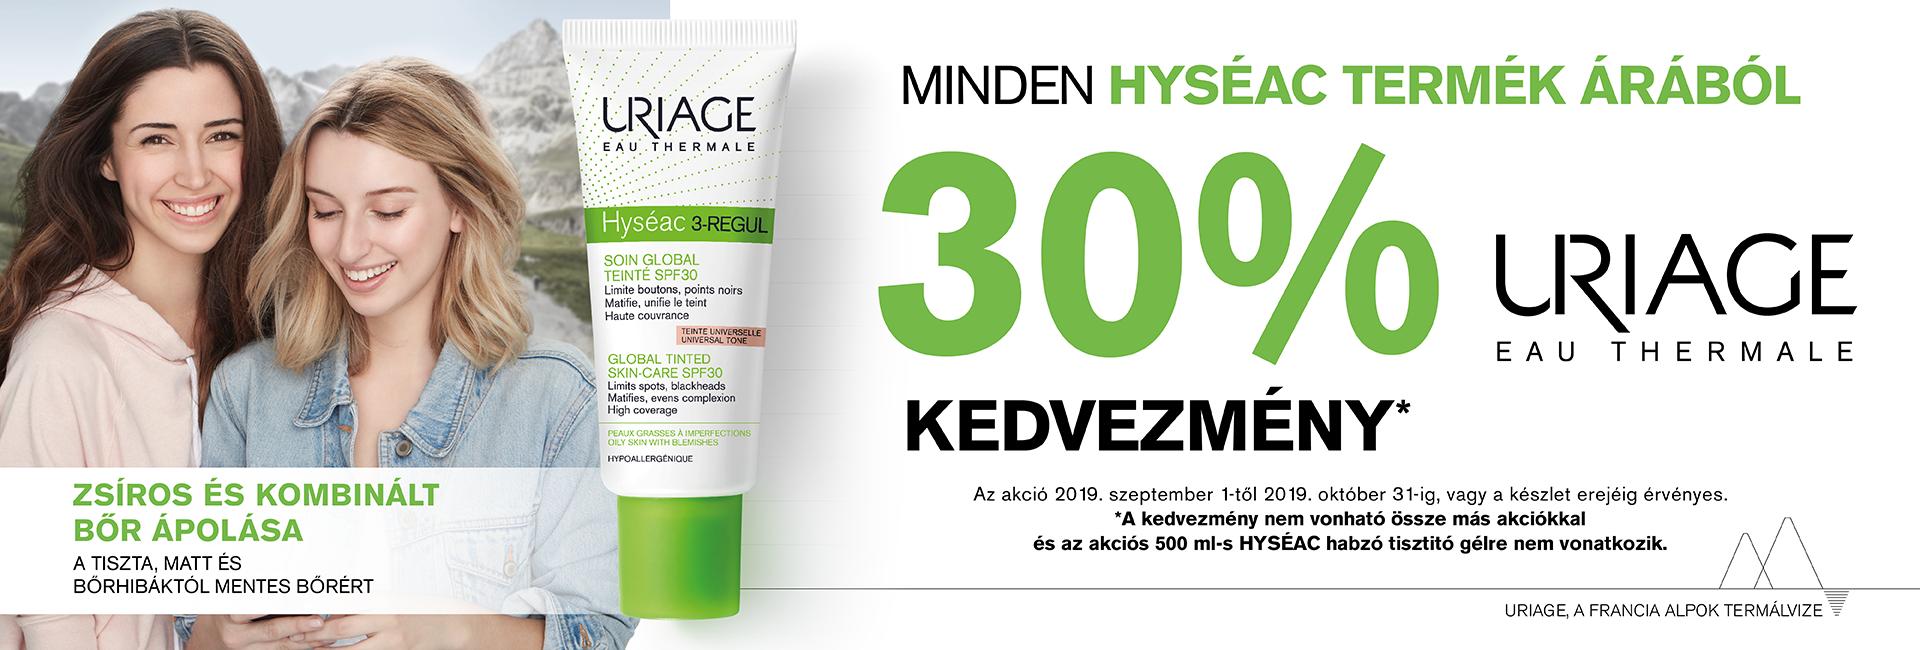 2019. szeptember 1. és október 31. között minden Uriage Hyséac terméket 30% kedvezménnyel kínálunk!